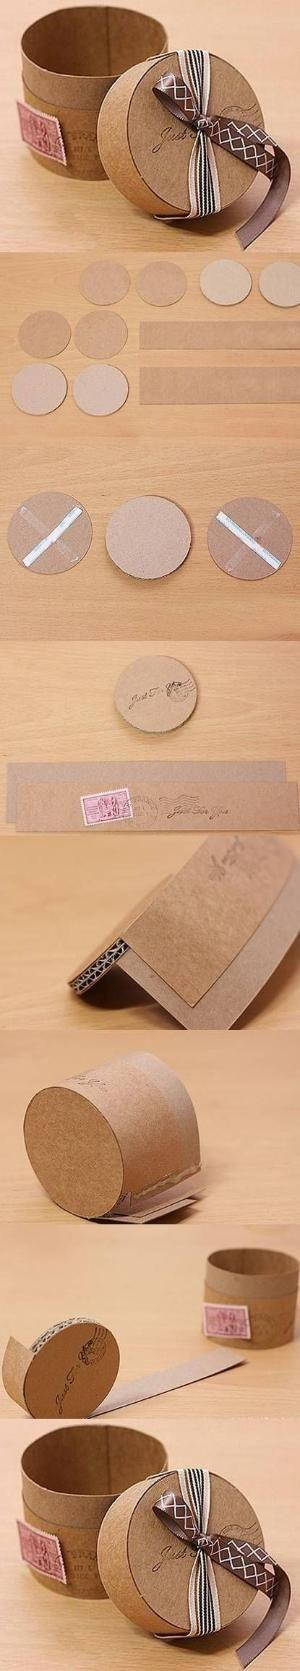 DIY Cute Cardboard Gift Box by batjas88